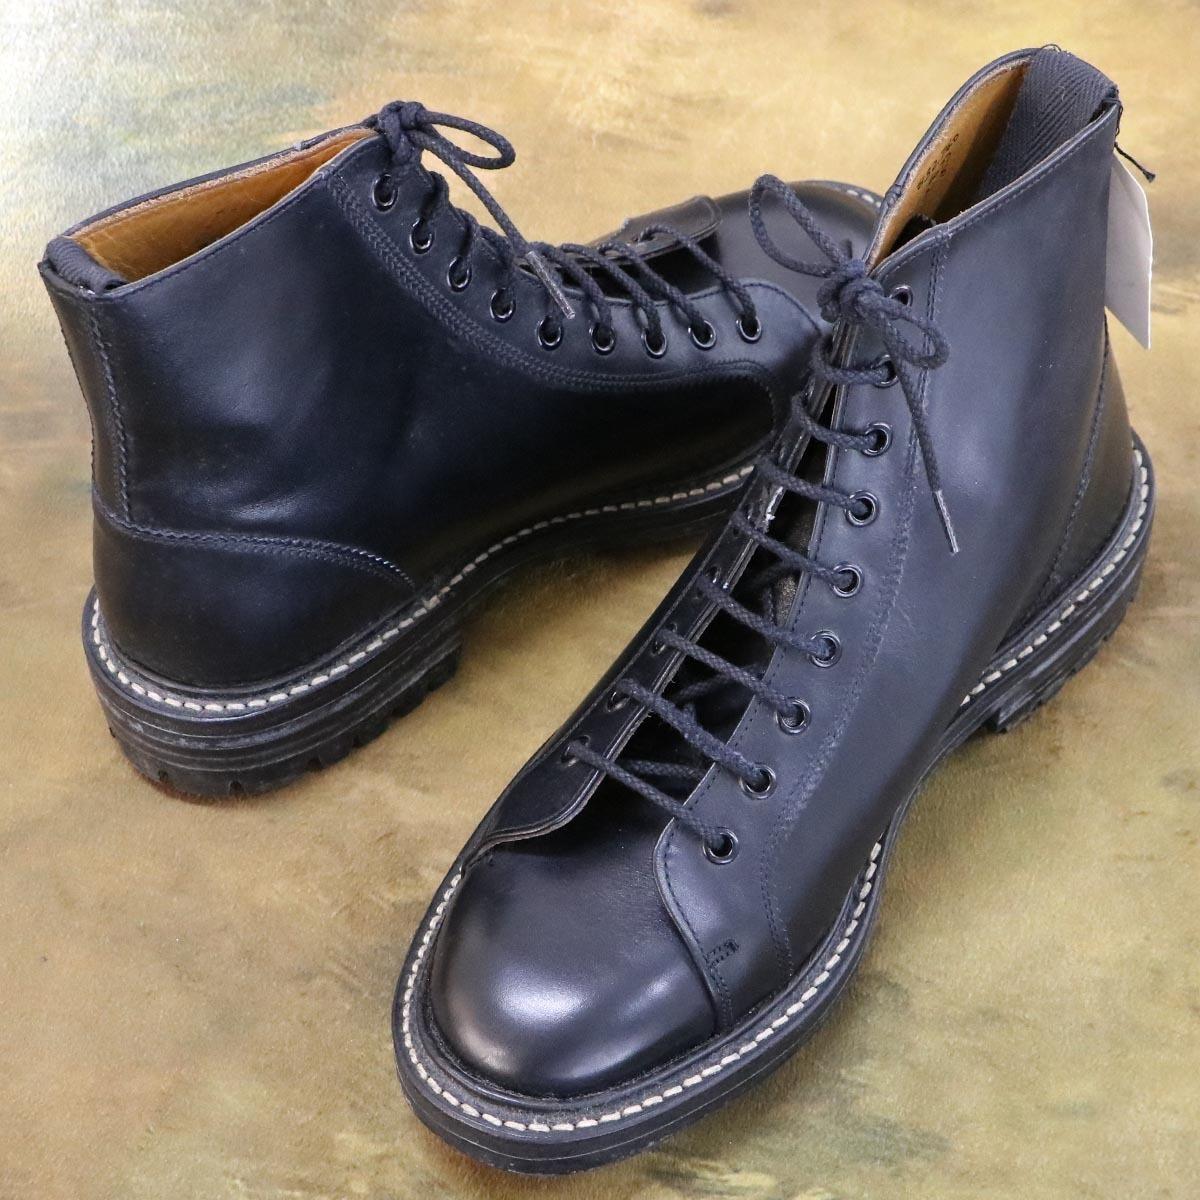 本物 極上品 トリッカーズ 別注品 ポールスミス レースアップ DERBY レザーブーツ ブラック 紳士靴 スニーカー Tricker's_画像6